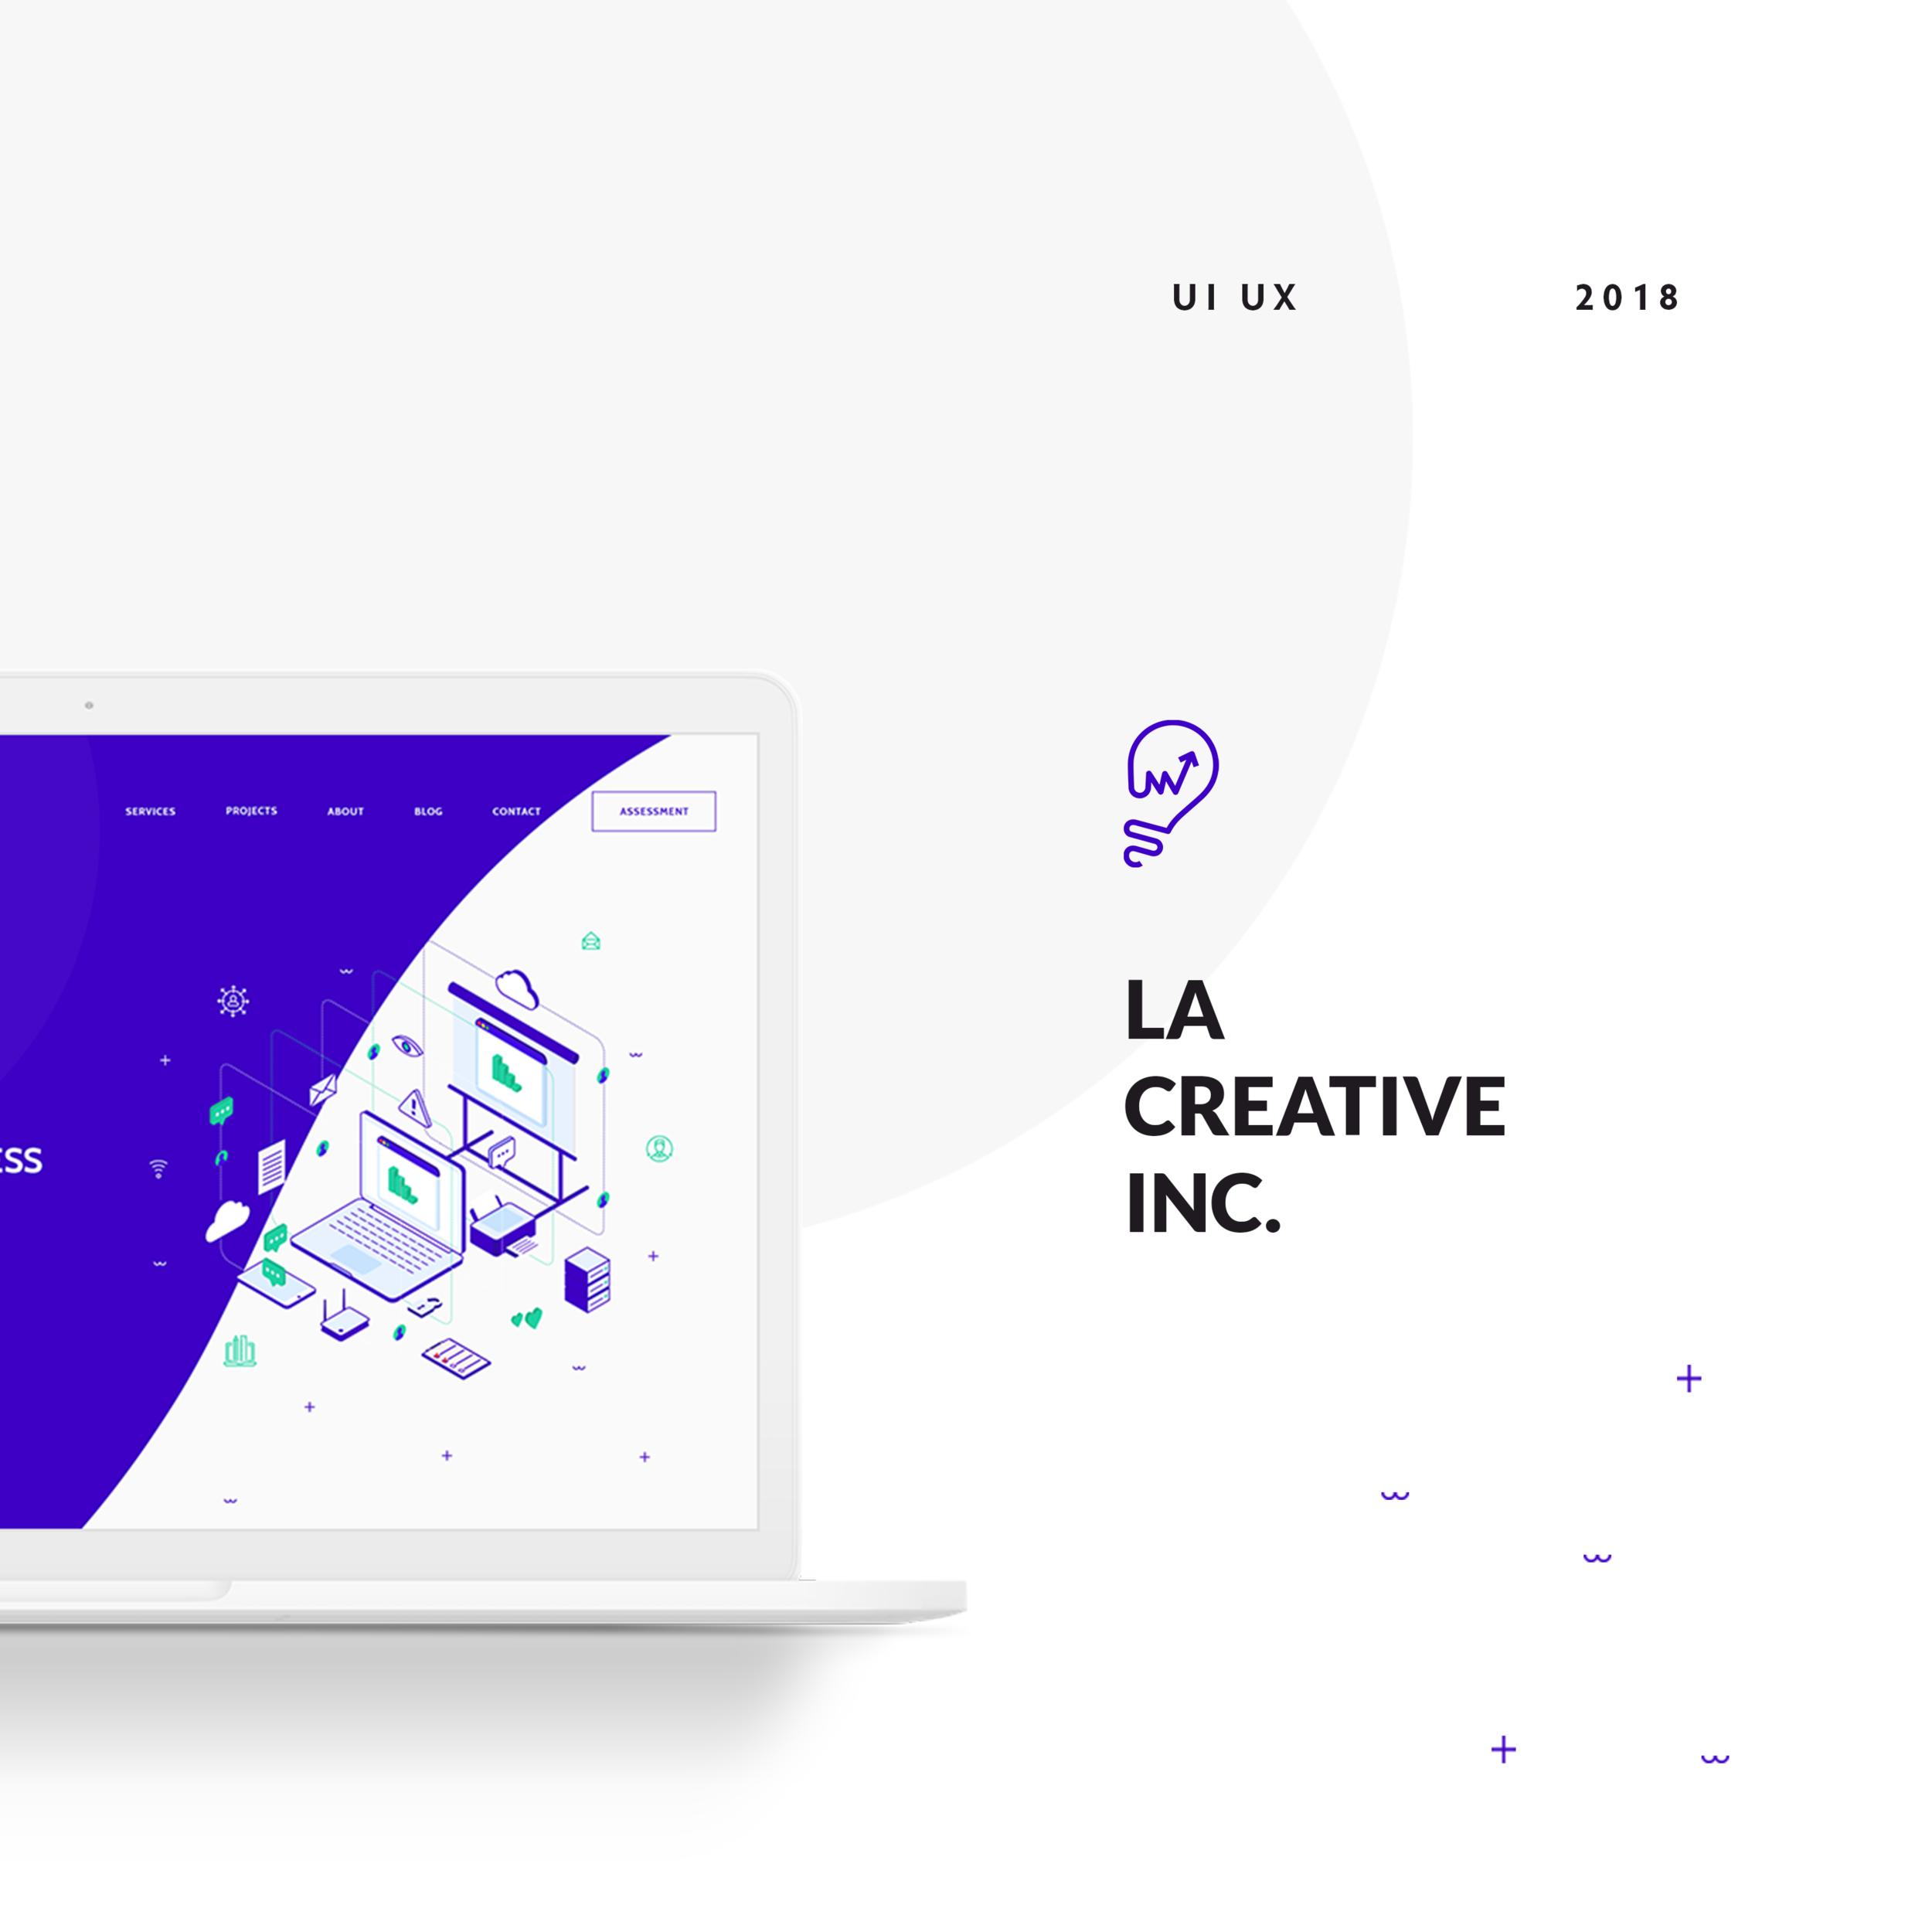 LA Creative Inc.